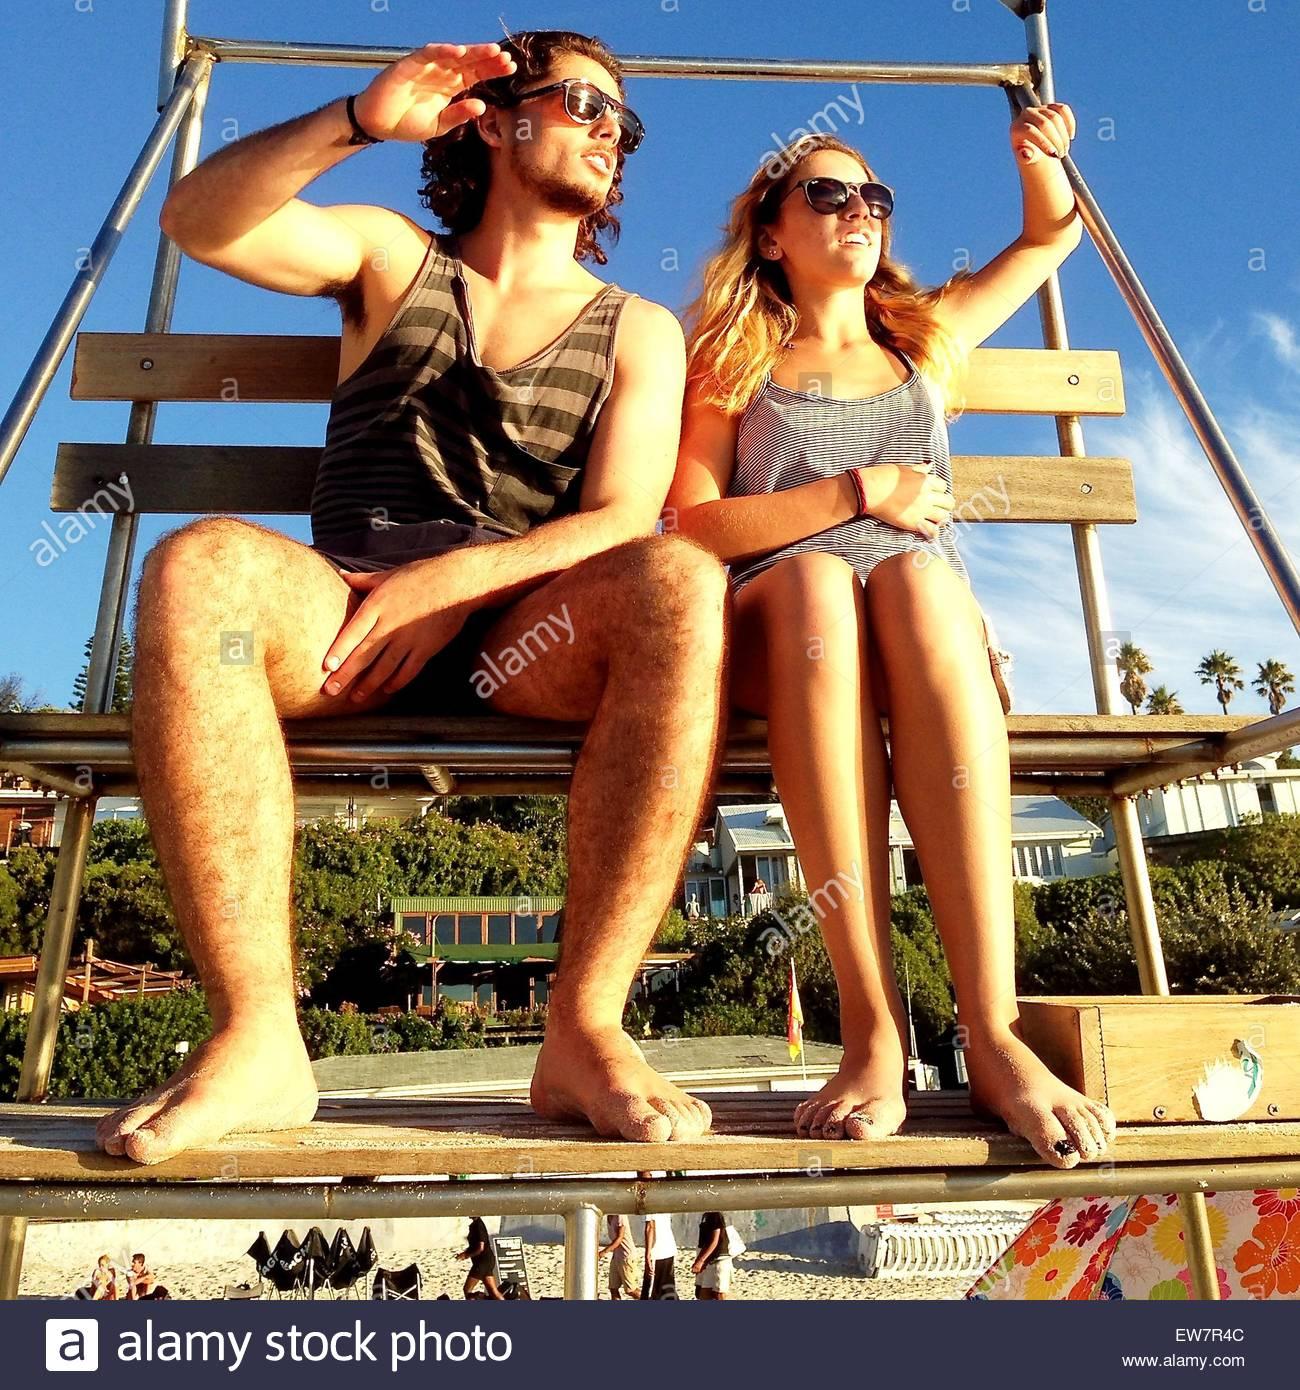 L'homme et la femme assis sur un tour de sauveteur, Clifton Beach, Cape Town, Afrique du Sud Photo Stock